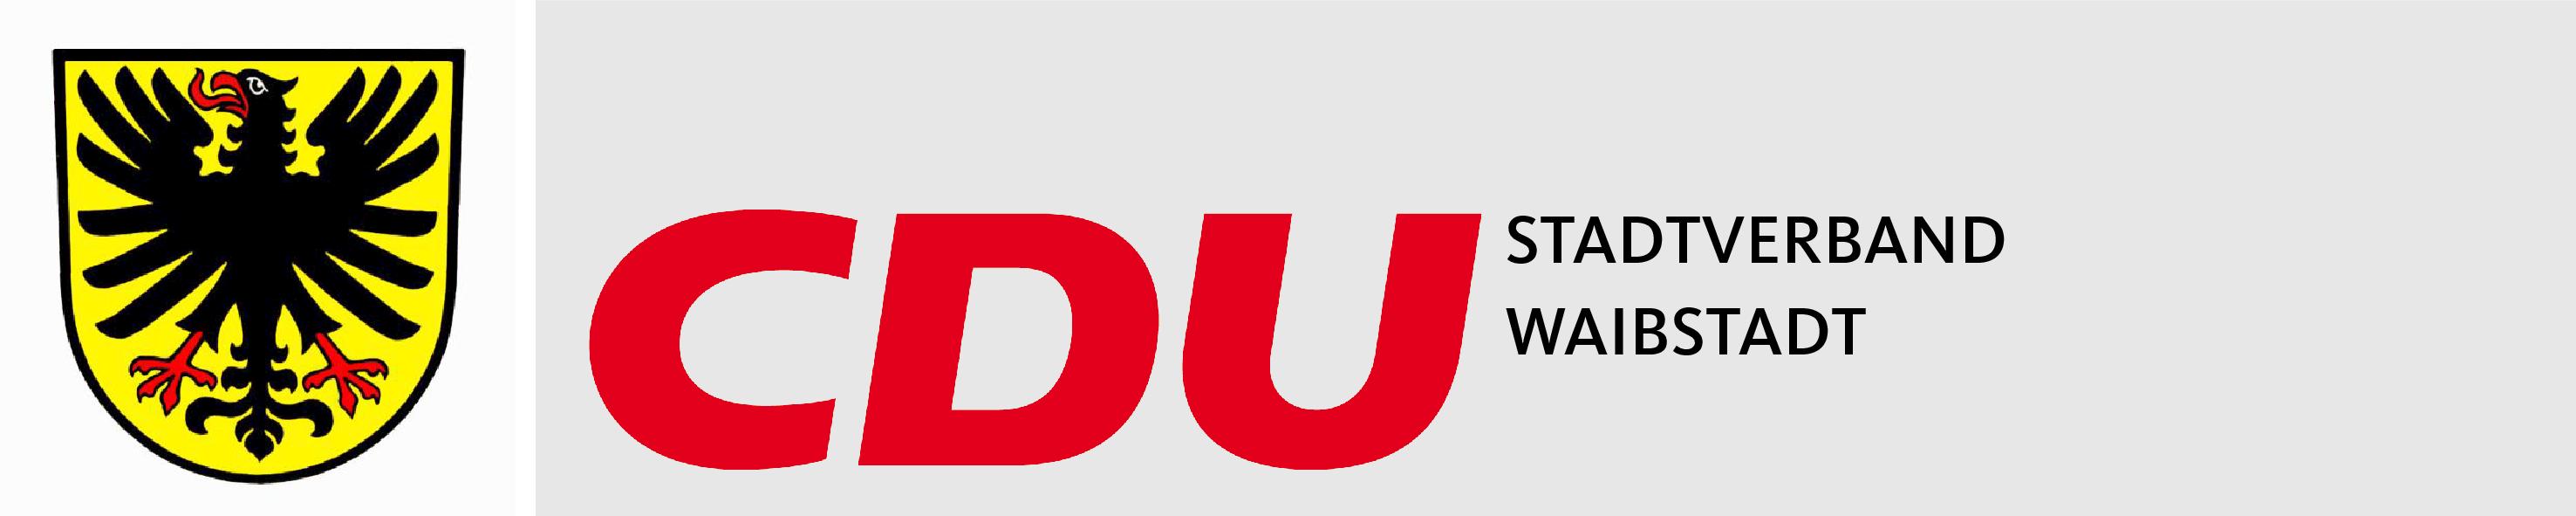 Logo von CDU Stadtverband Waibstadt